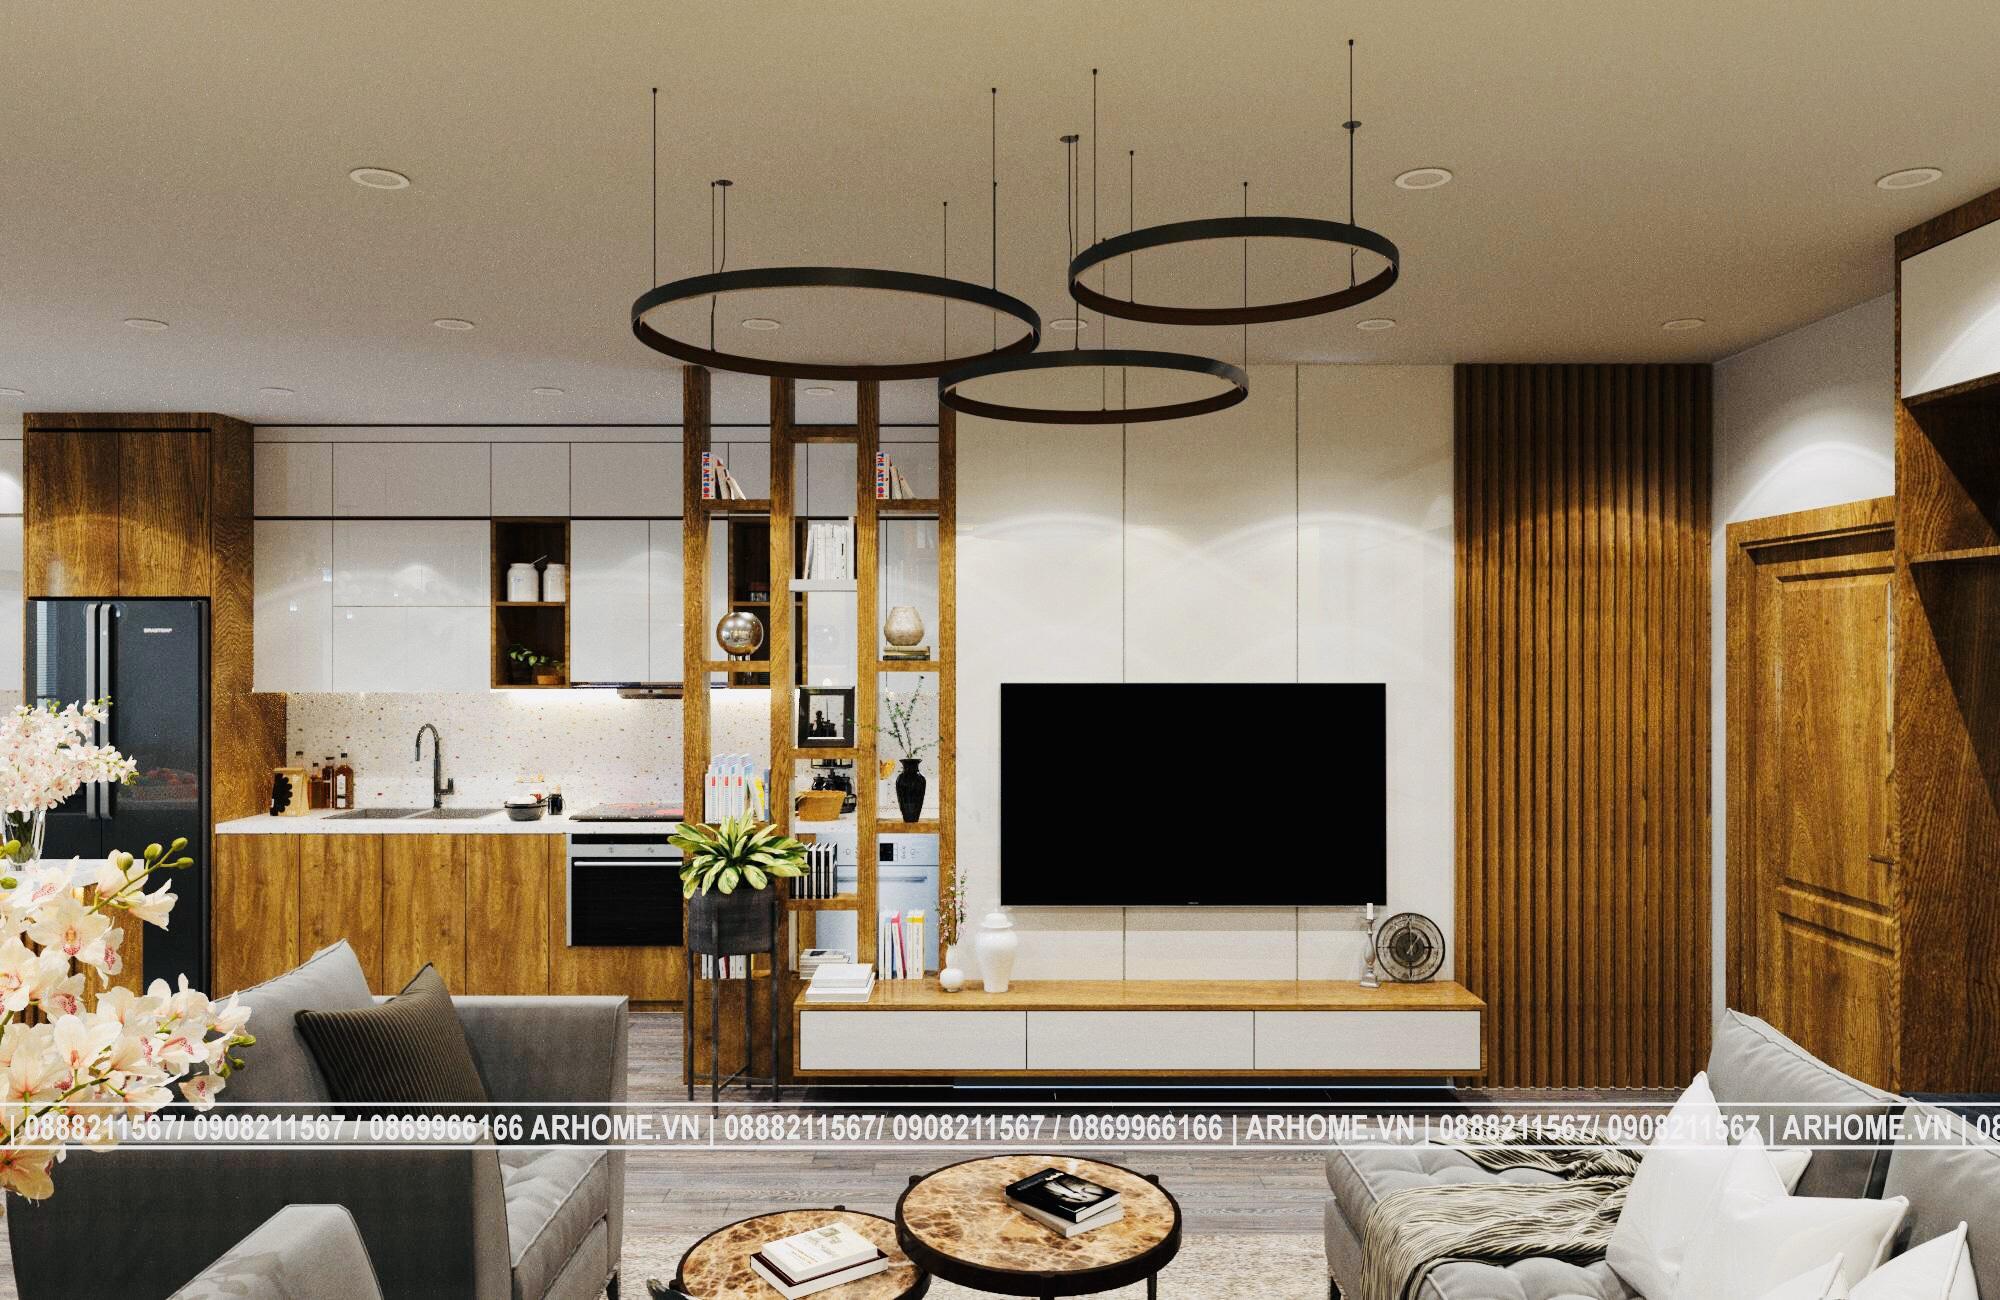 Thiết kế nội thất căn hộ EuroWindow 1 phòng ngủ với màu nâu vàng quyến rũ